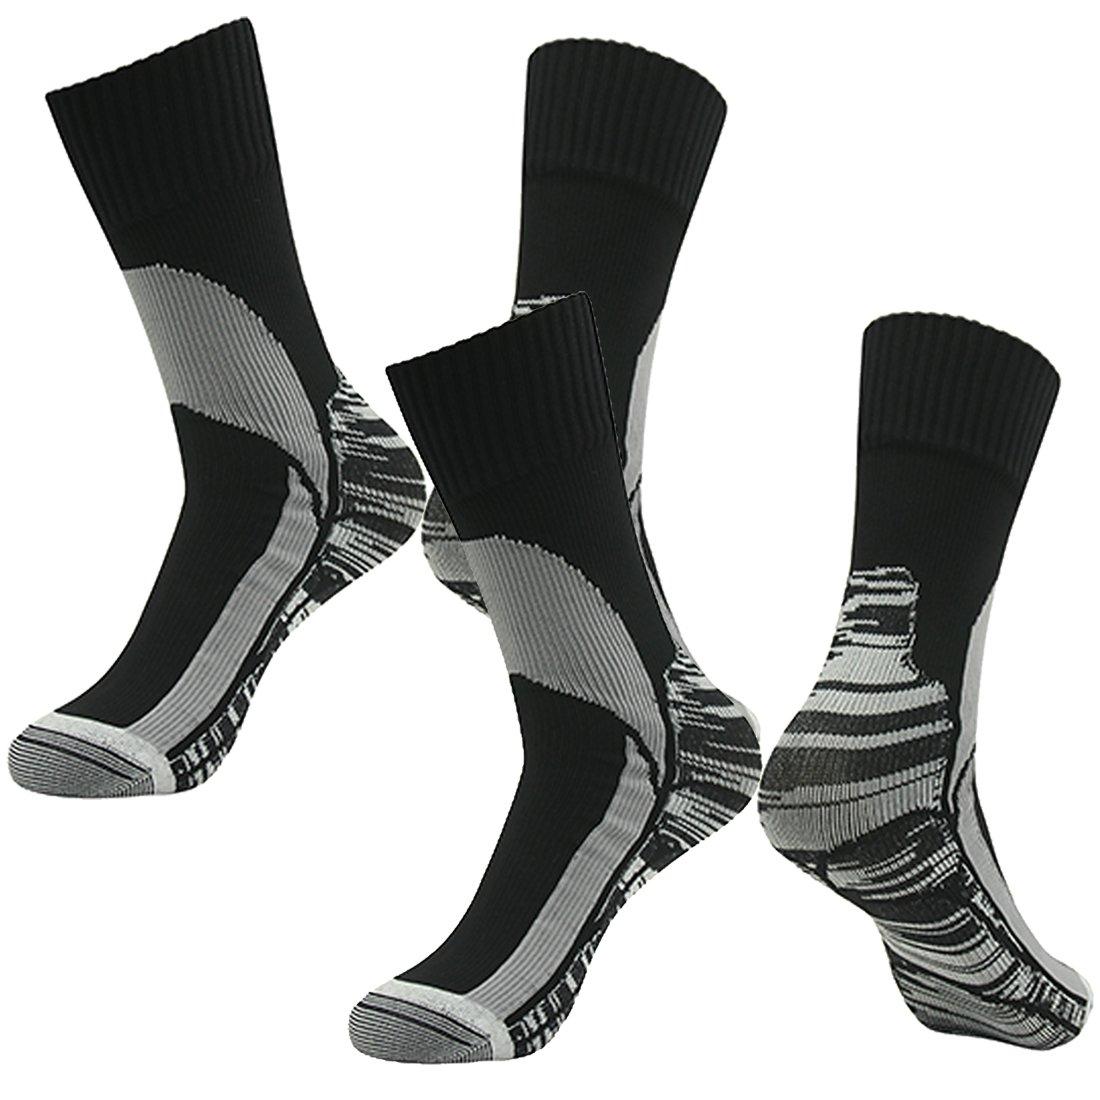 RANDY SUN Men's Waterproof Socks Suitable for a Range of Outdoor Activities by RANDY SUN